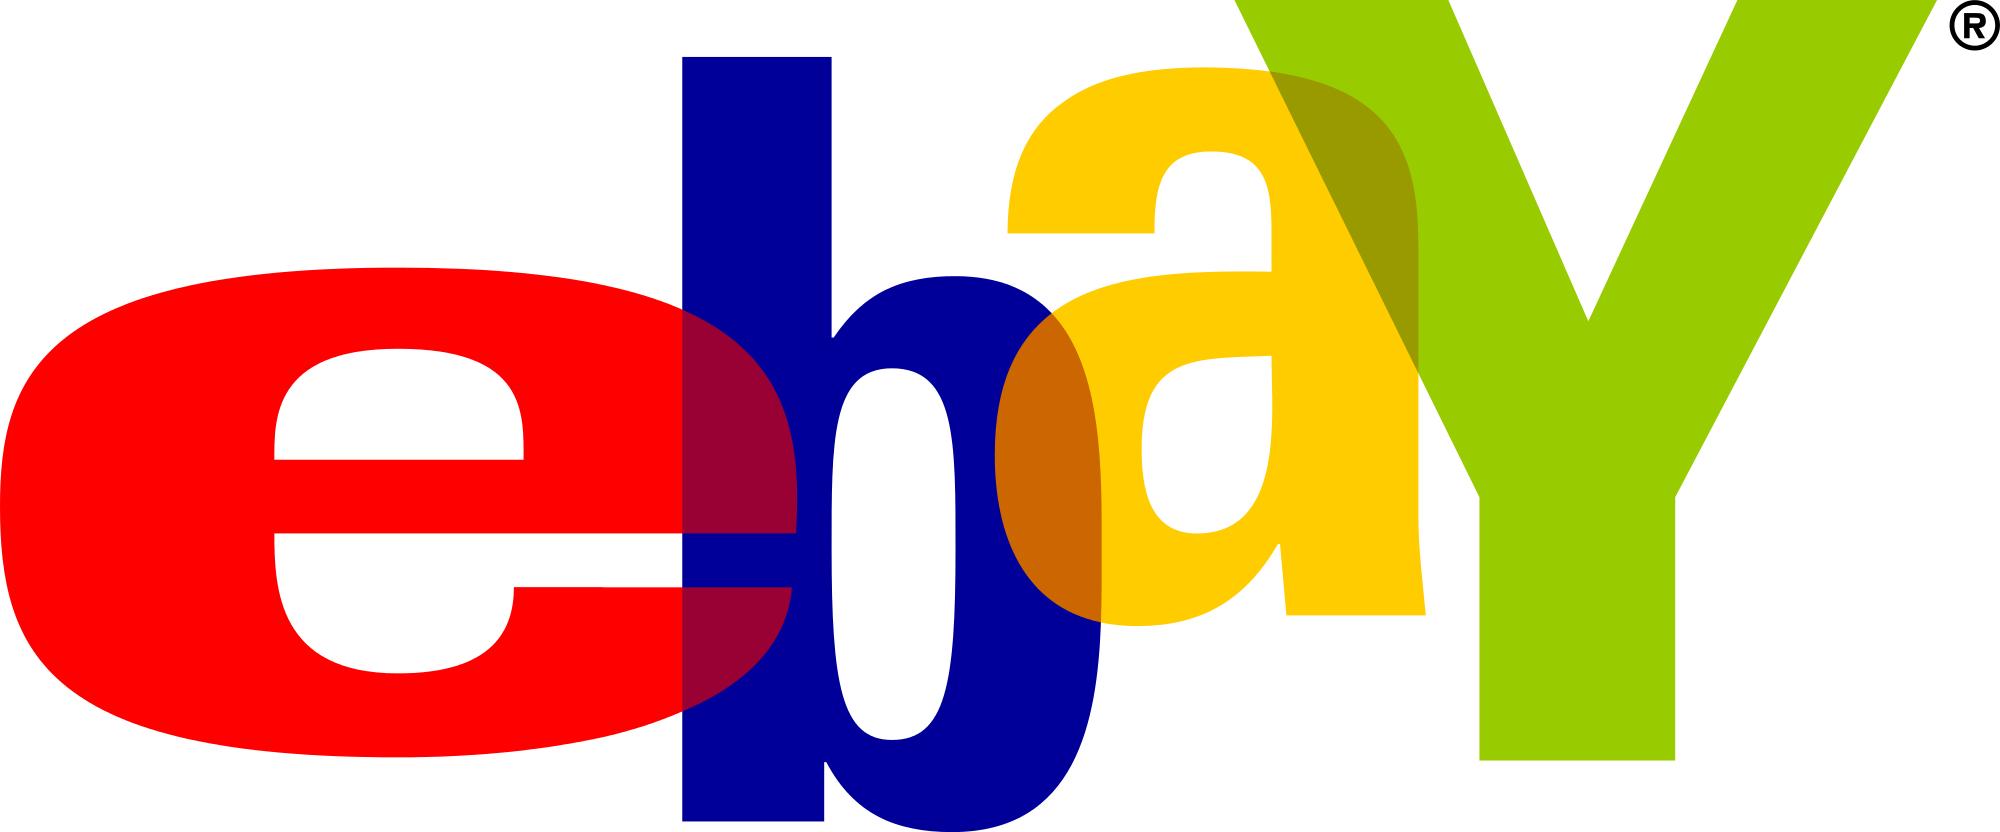 [ebay] Für eingeladene Verkäufer: 1€ pro eingestelltem Artikel, keine Verkaufsprovision (3x)